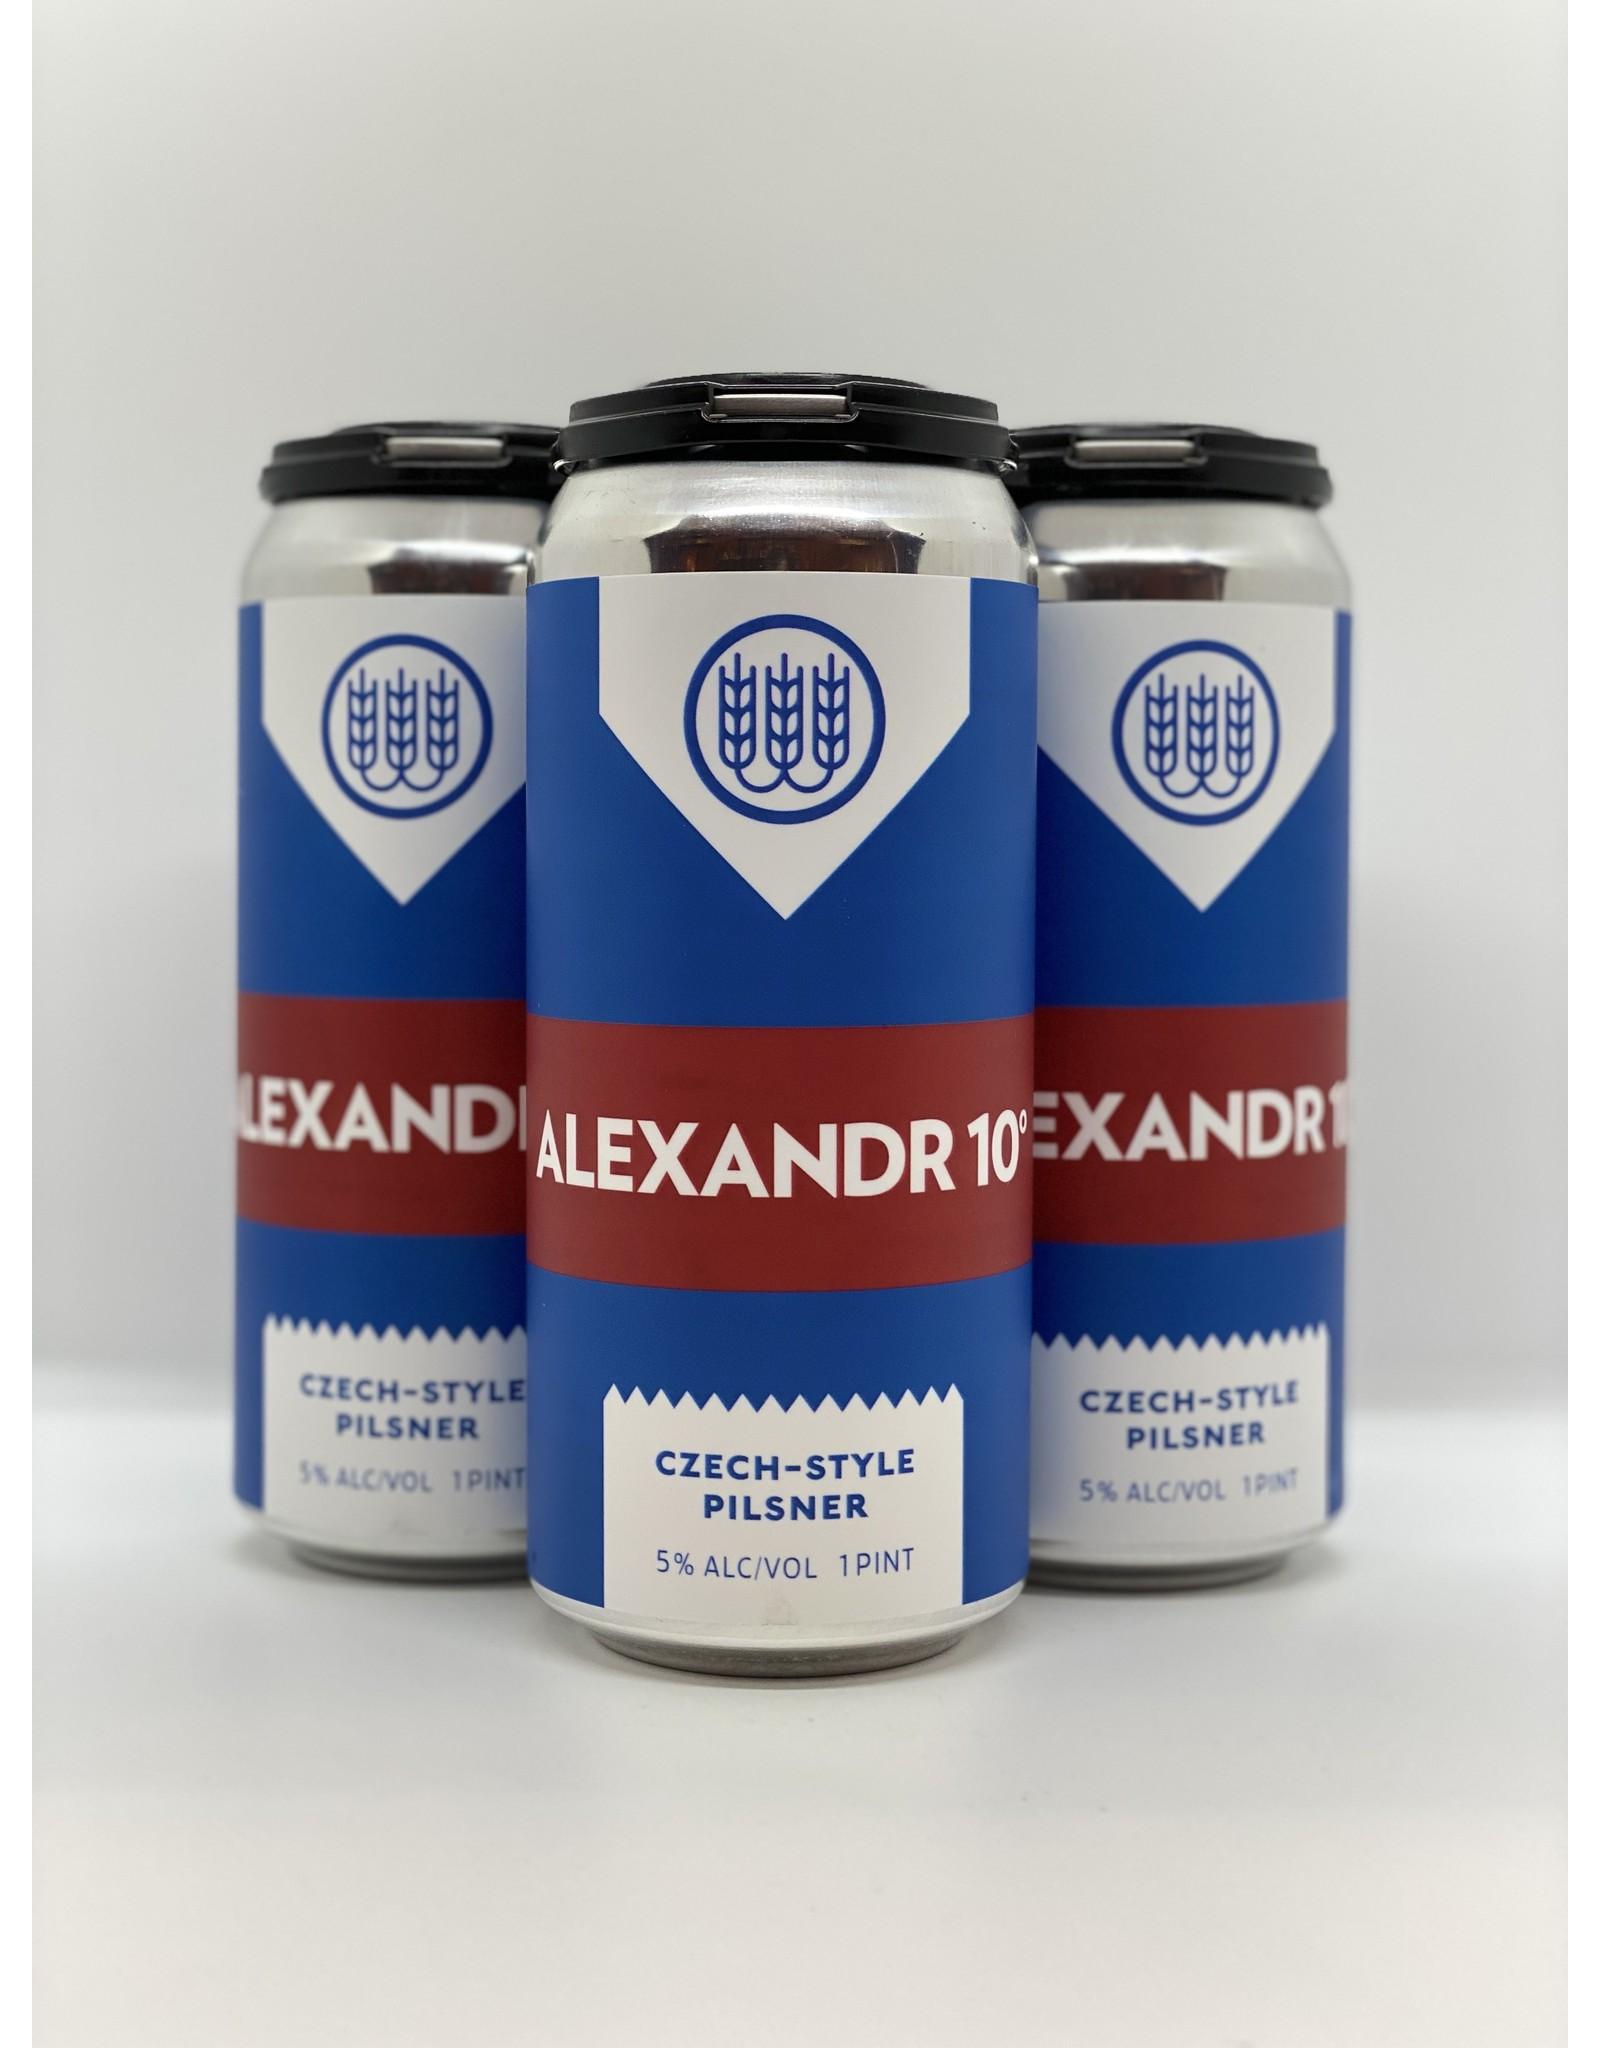 Schilling Beer Co. Alexandr 10 Pilsner 4-Pack Cans